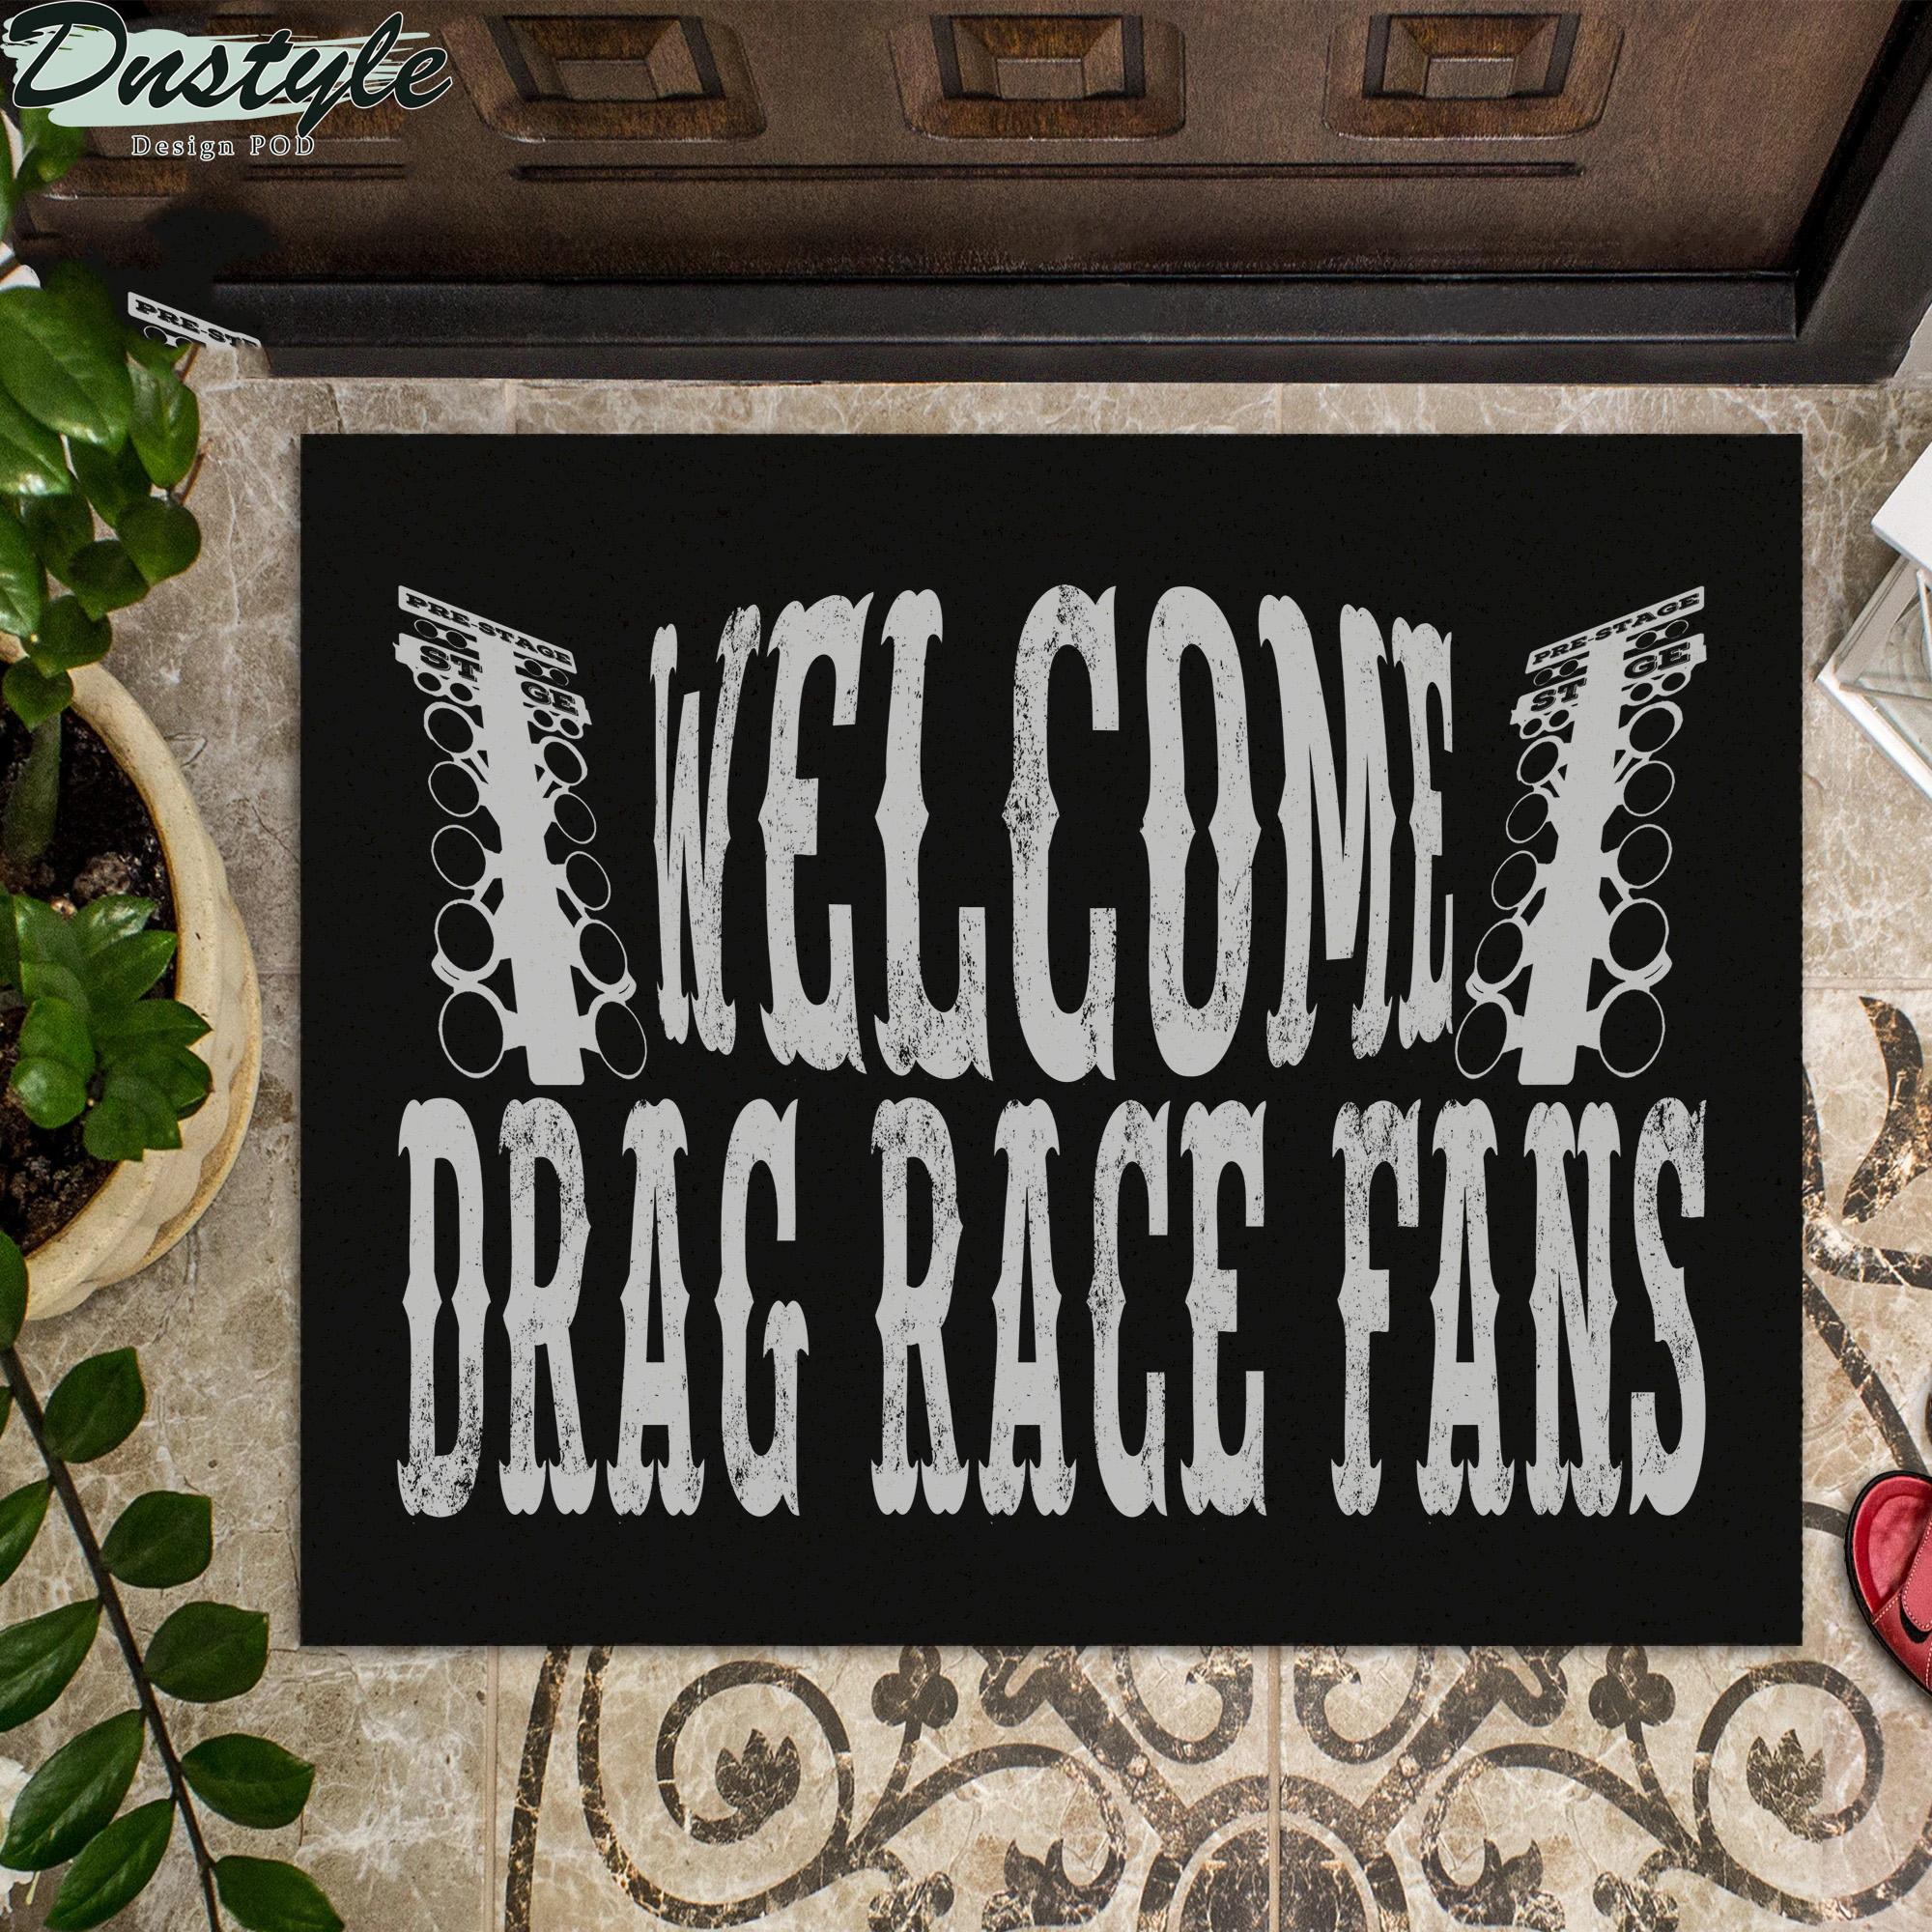 Welcom drag race fans doormat